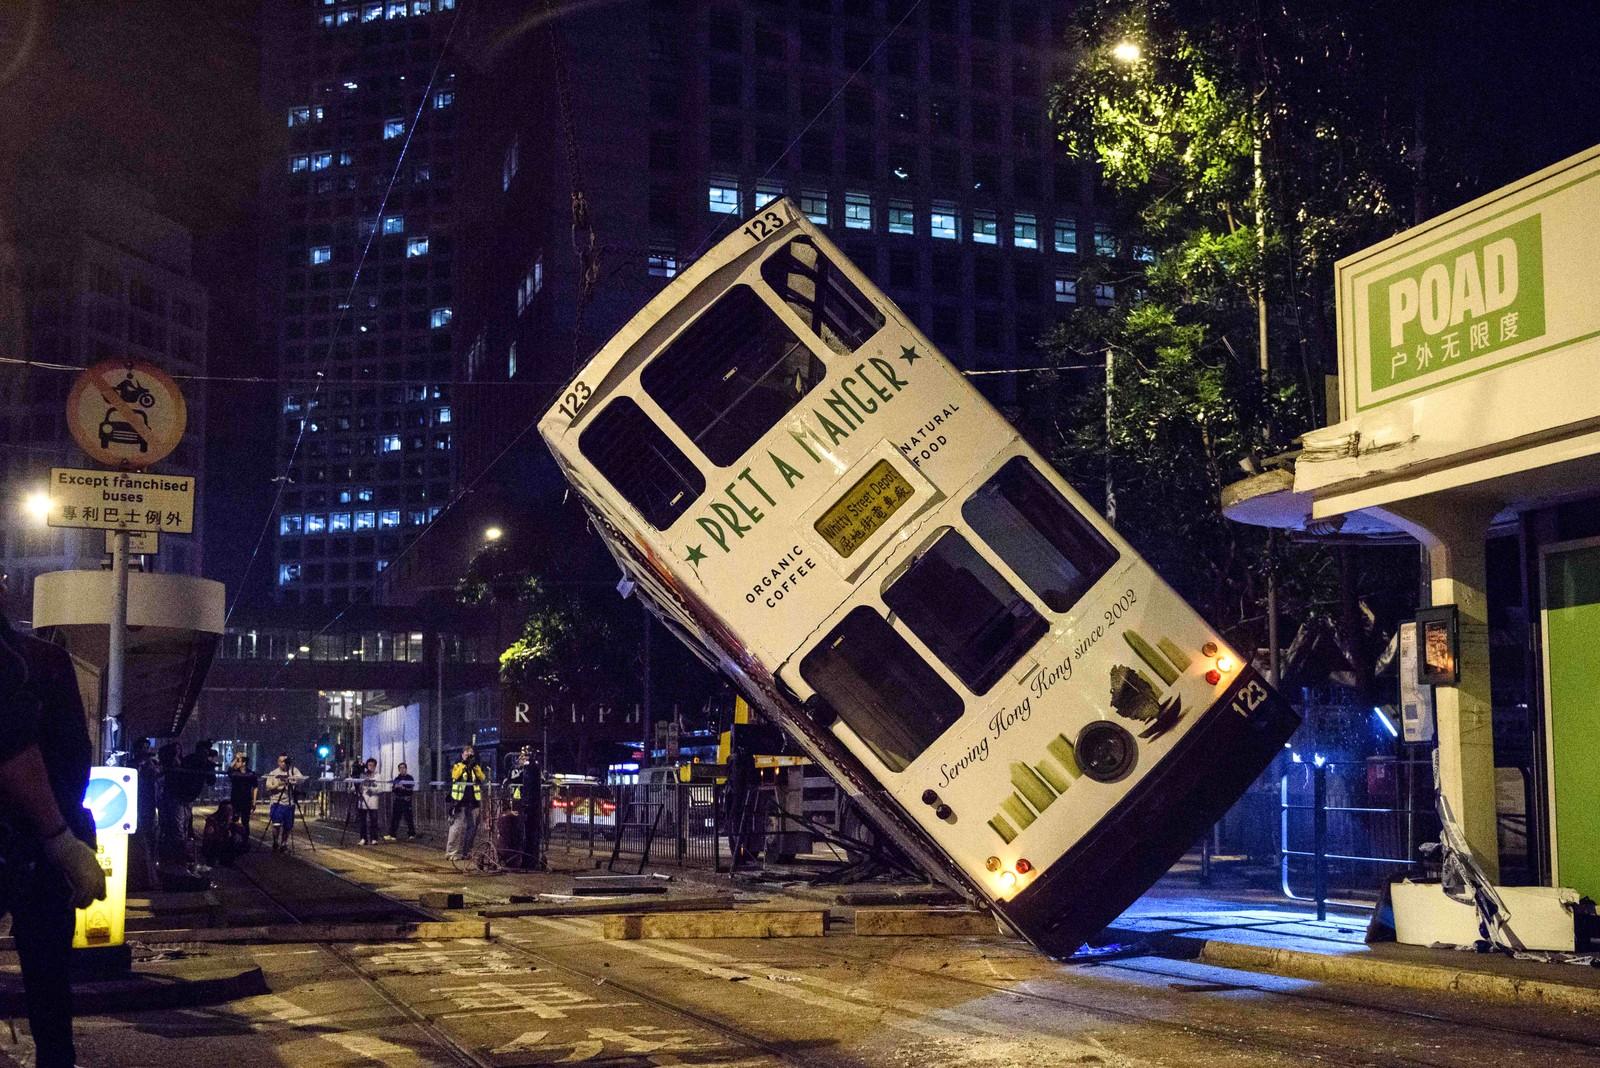 En trikk blir løftet på plass av en kran etter å ha veltet i Hong Kong.